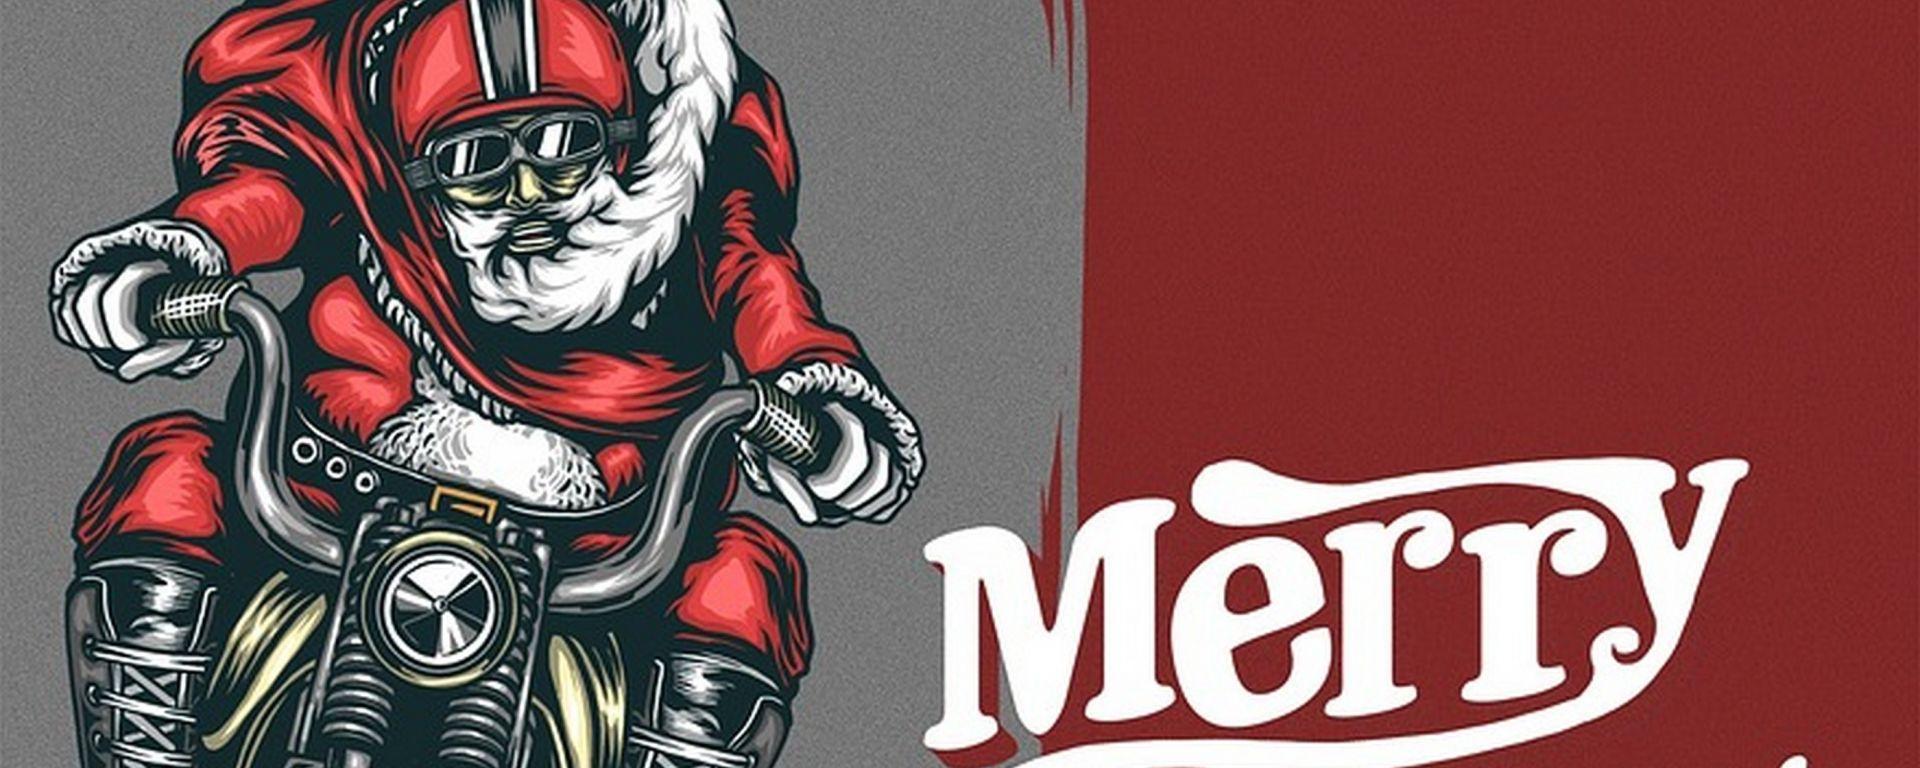 Natale 2017: i regali auto e moto da mettere sotto l'albero